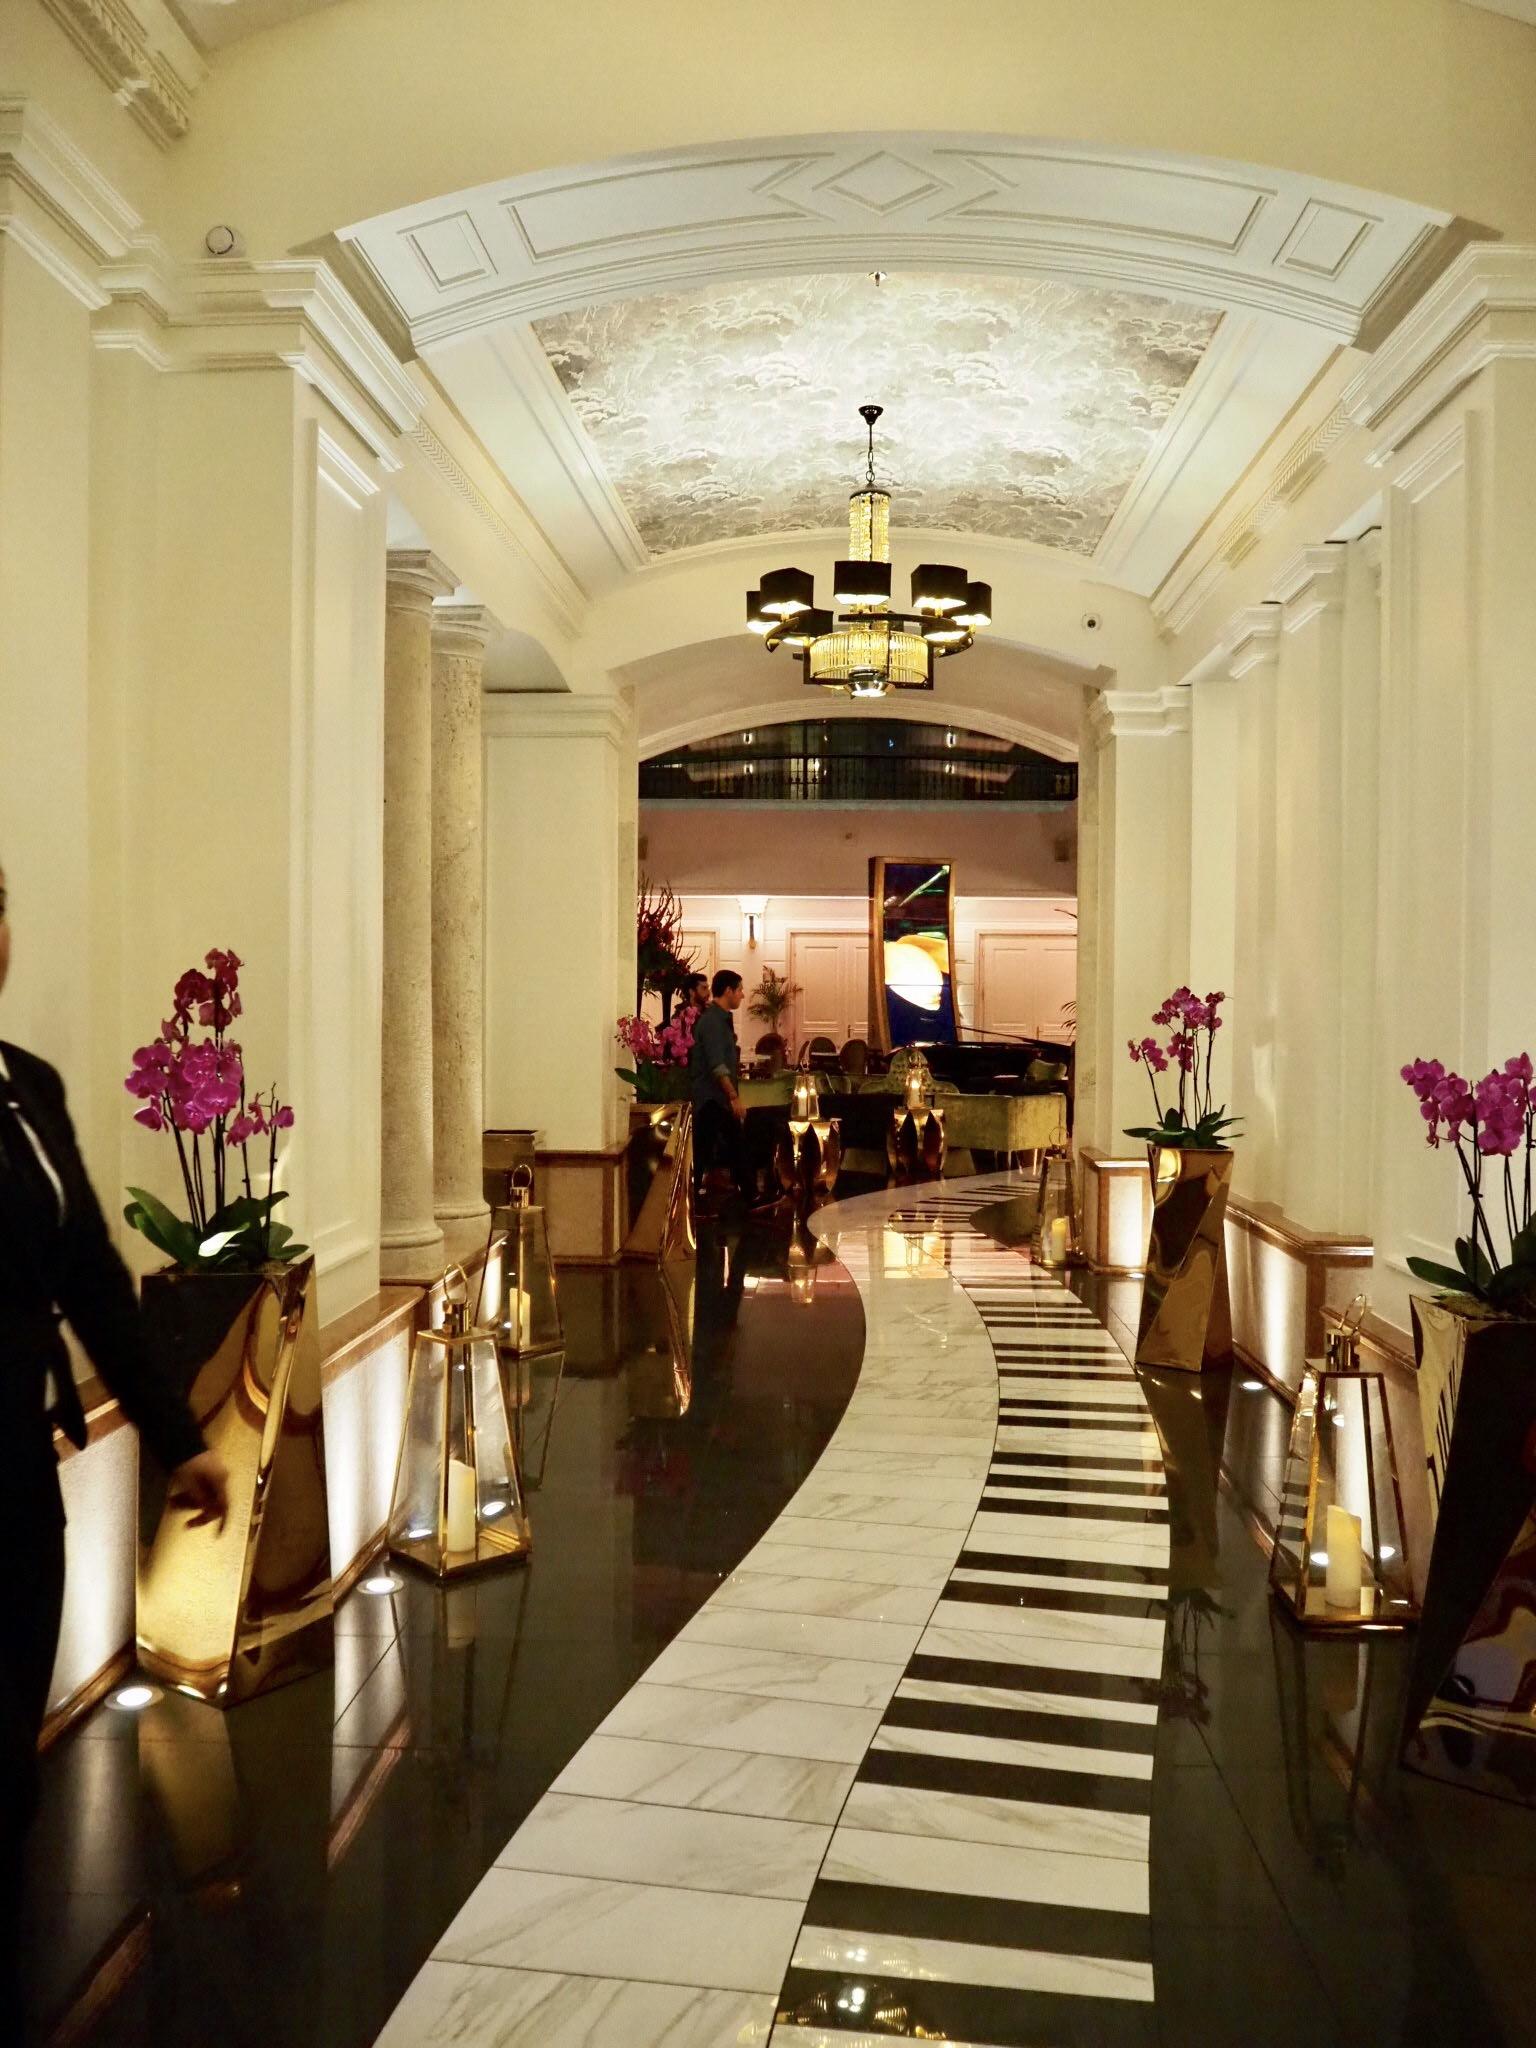 img 4465 - Aria Hotel Budapest - 音楽に囲まれて過ごすブダペストのラグジュアリーブティックホテルの魅力